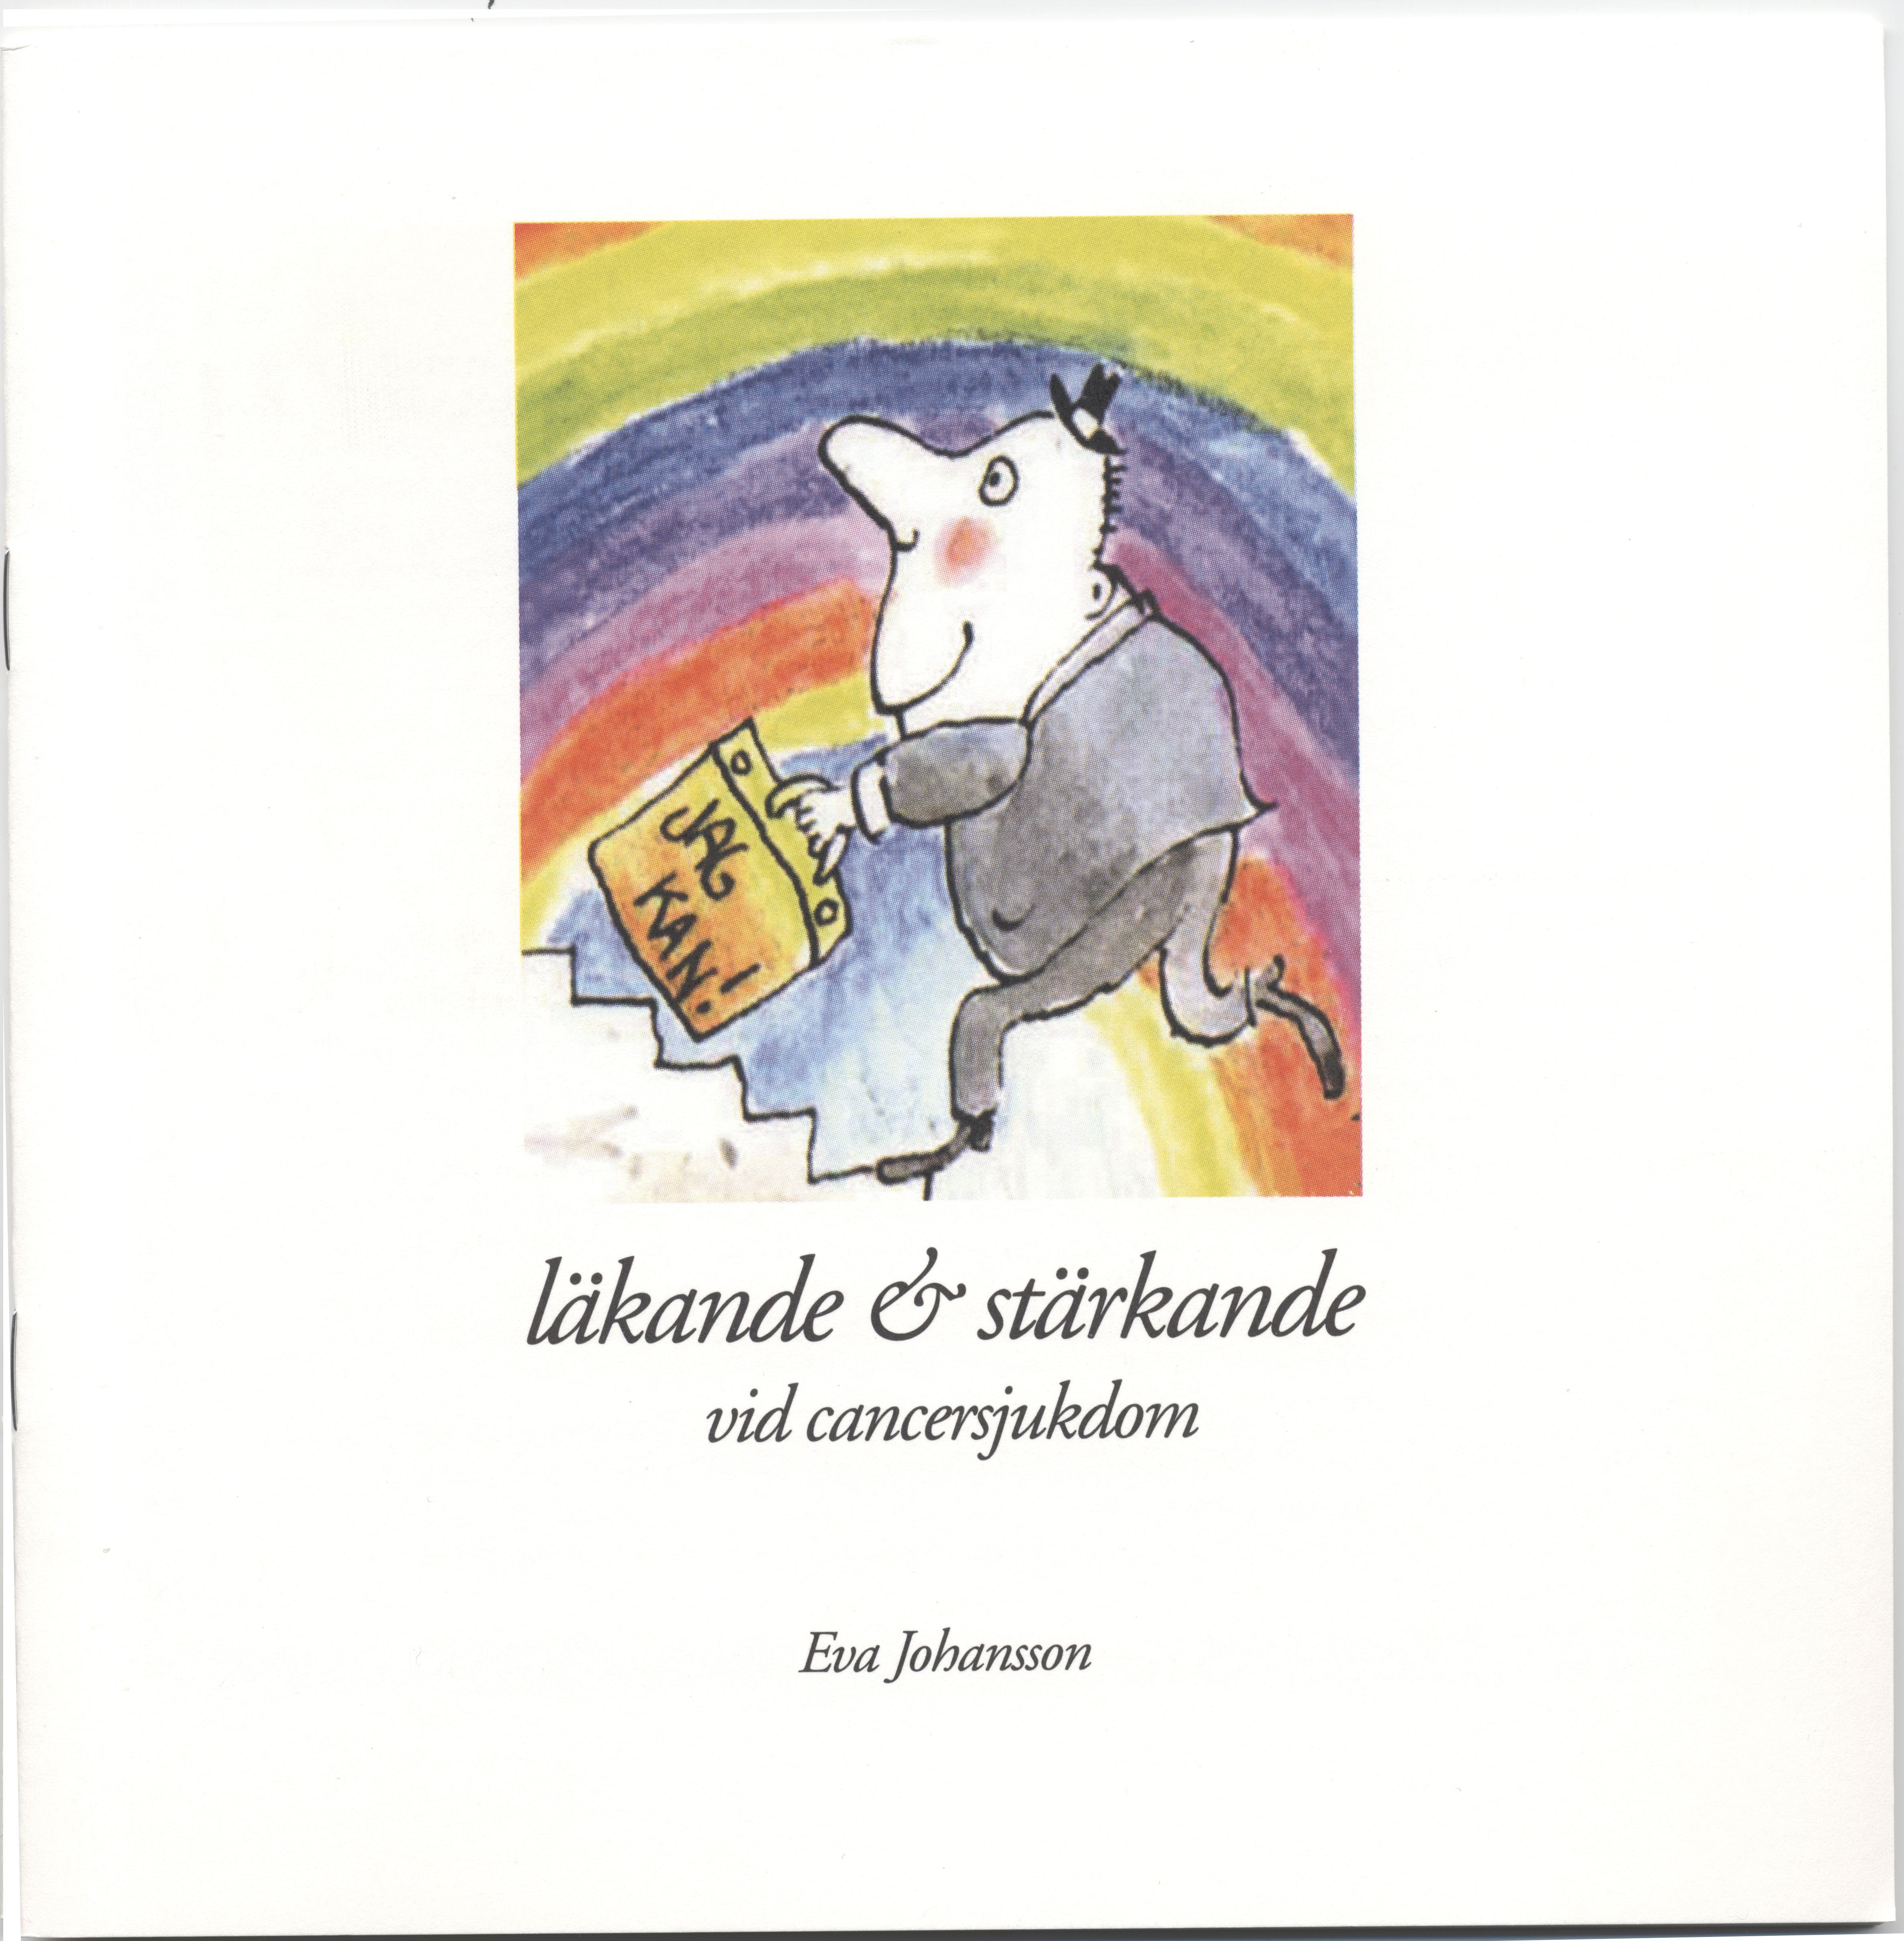 läkande & stärkande vid cancersjukdom (inkl cd) av Eva Johansson